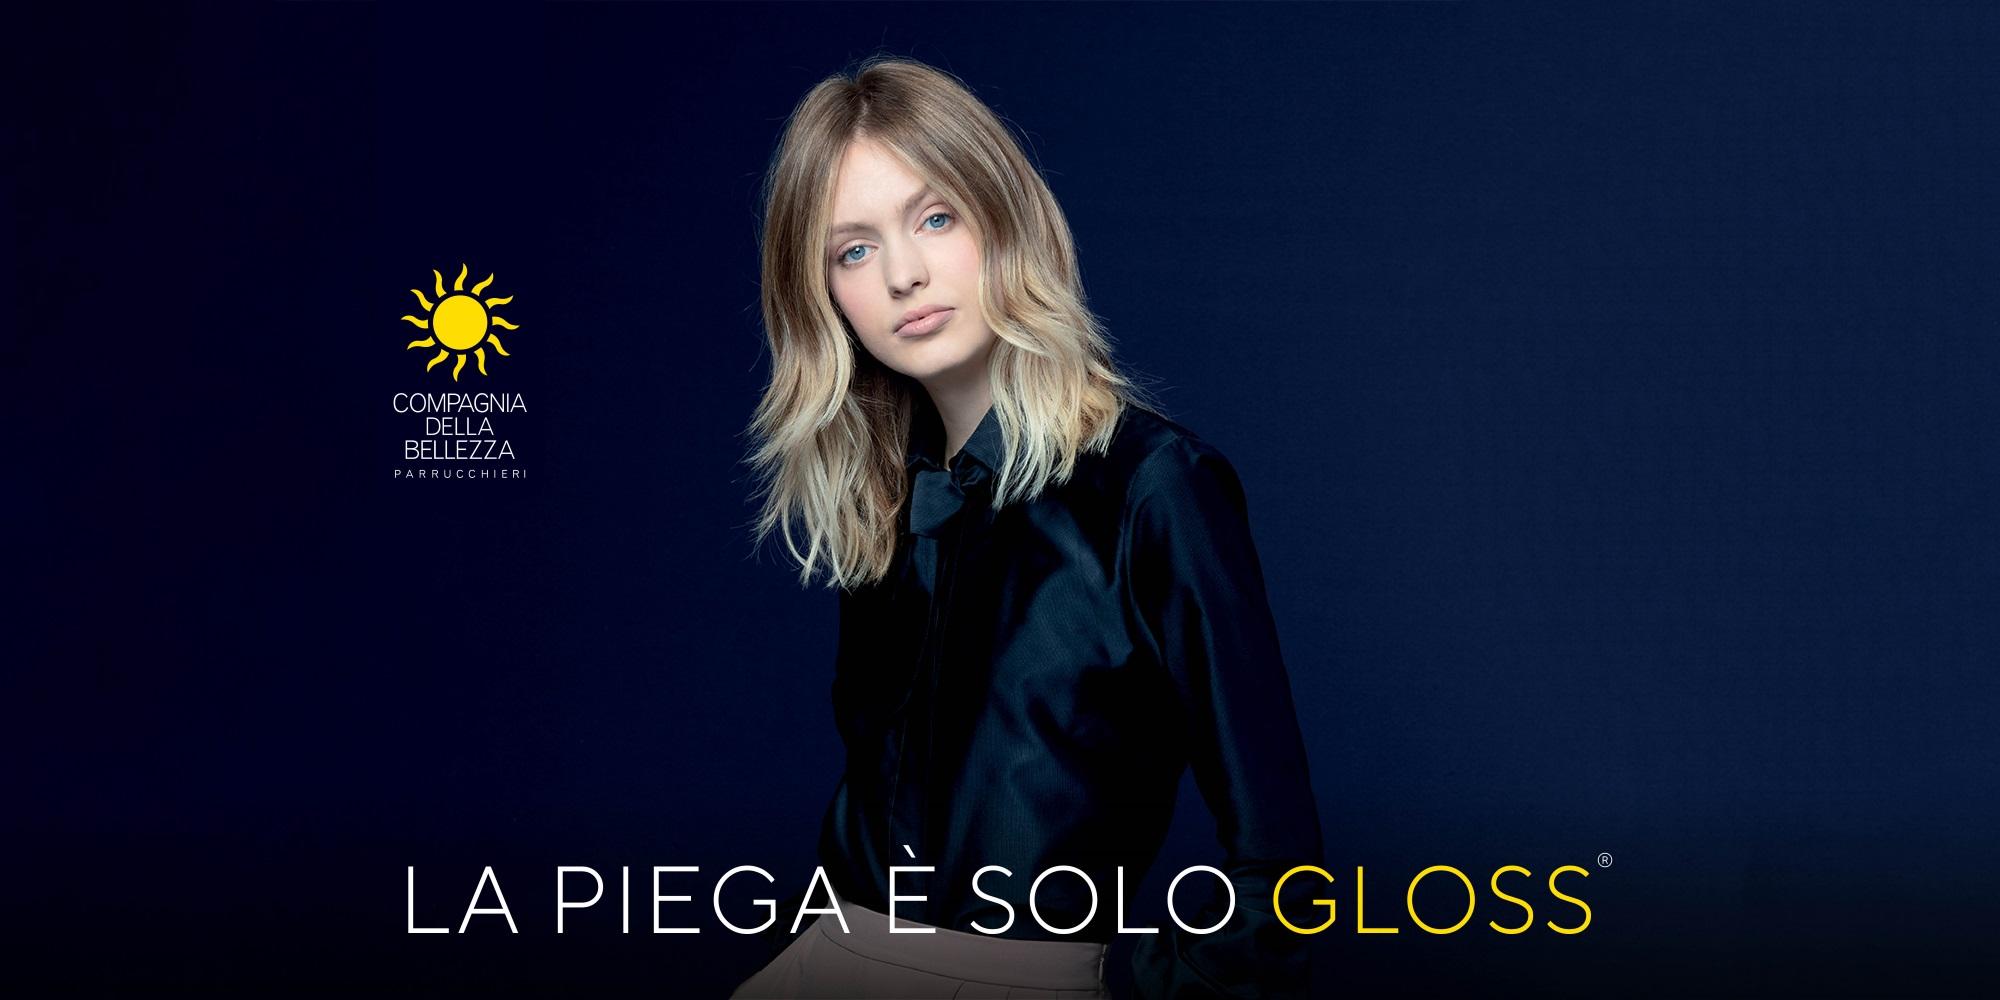 Piega-Gloss-Narciso -Collezione-Autunno – Inverno – 2018-2019-©-Compagnia-Della-Bellezza – 2000x1000jpg